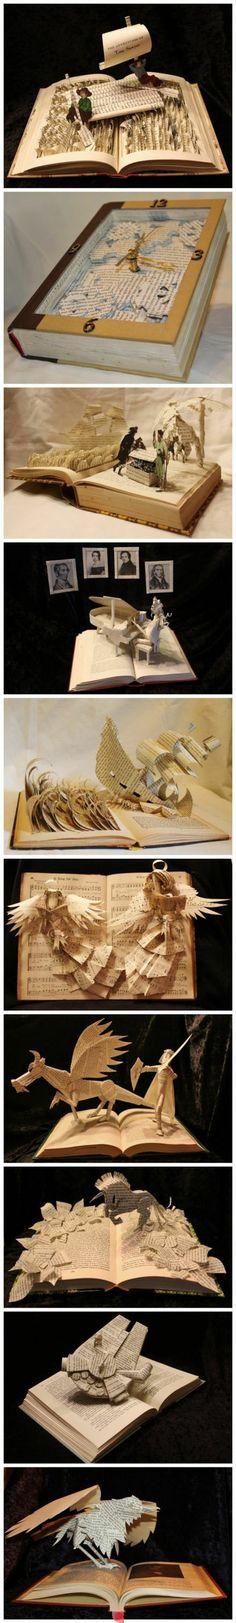 book cut art